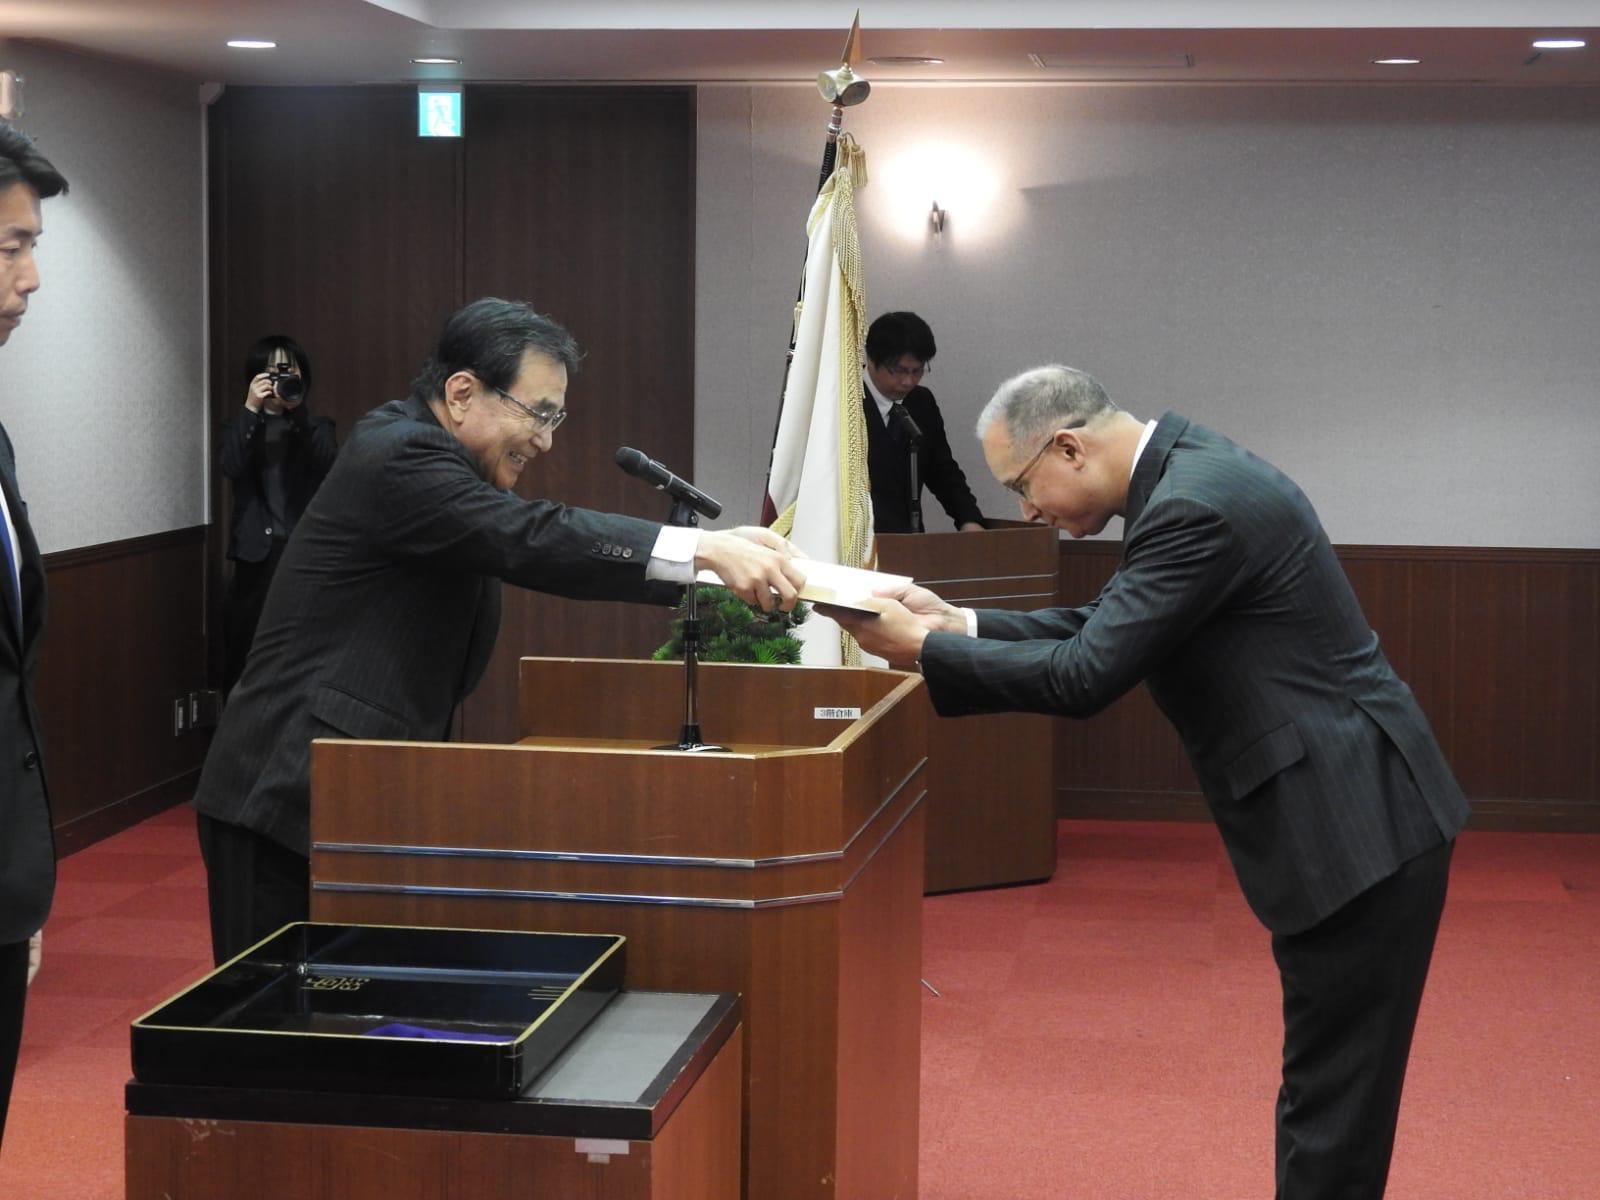 徳久学長より名誉博士号を受け取るディアス大使